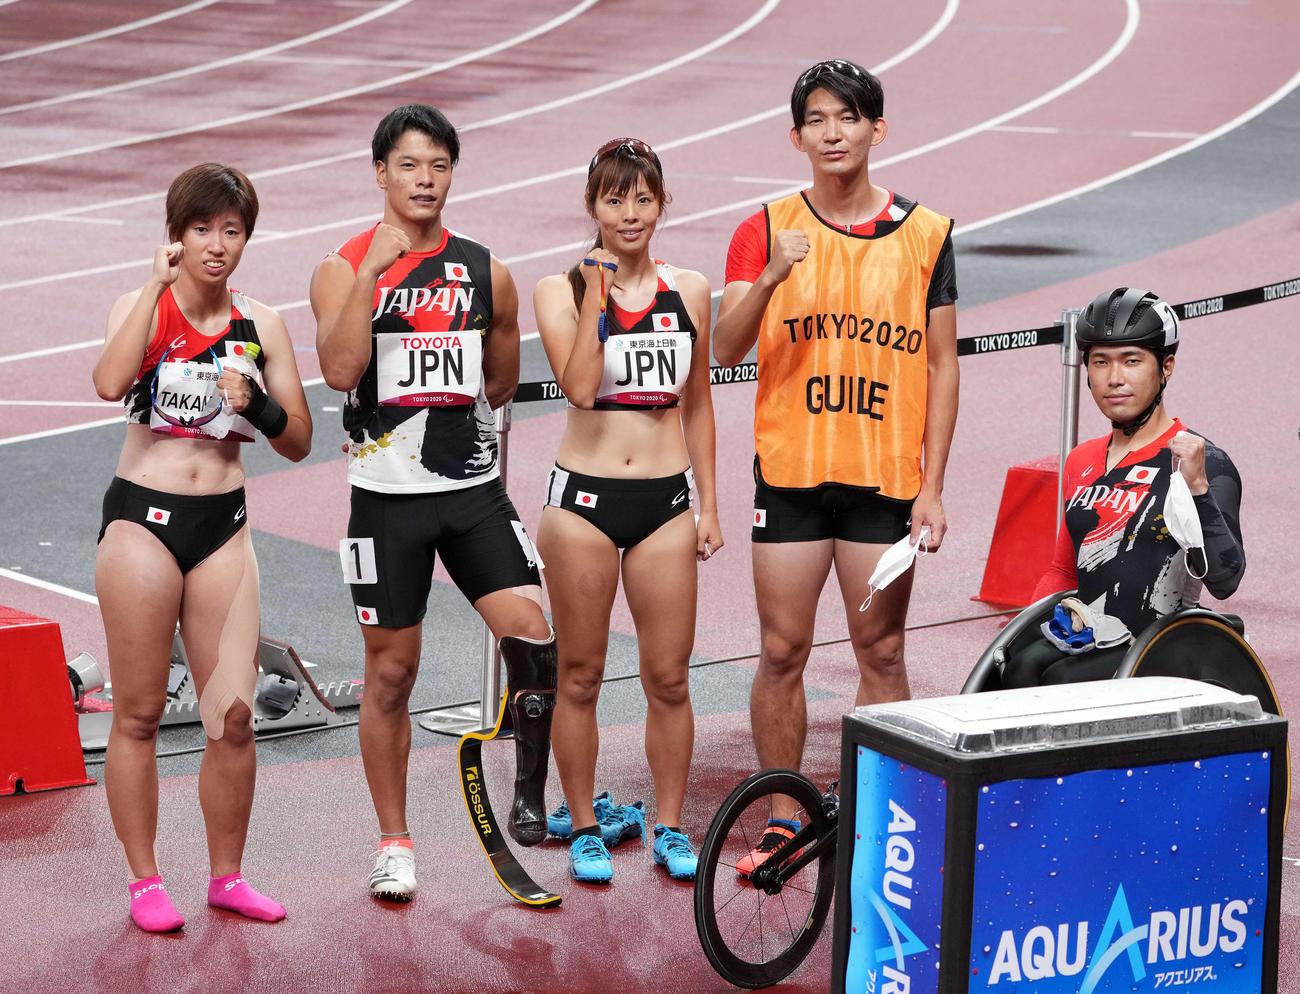 混合400メートルユニバーサルリレー決勝で銅メダルとなり記念撮影する、高松、大島、沢田、ガイドの塩川さん、鈴木(撮影・滝沢徹郎)